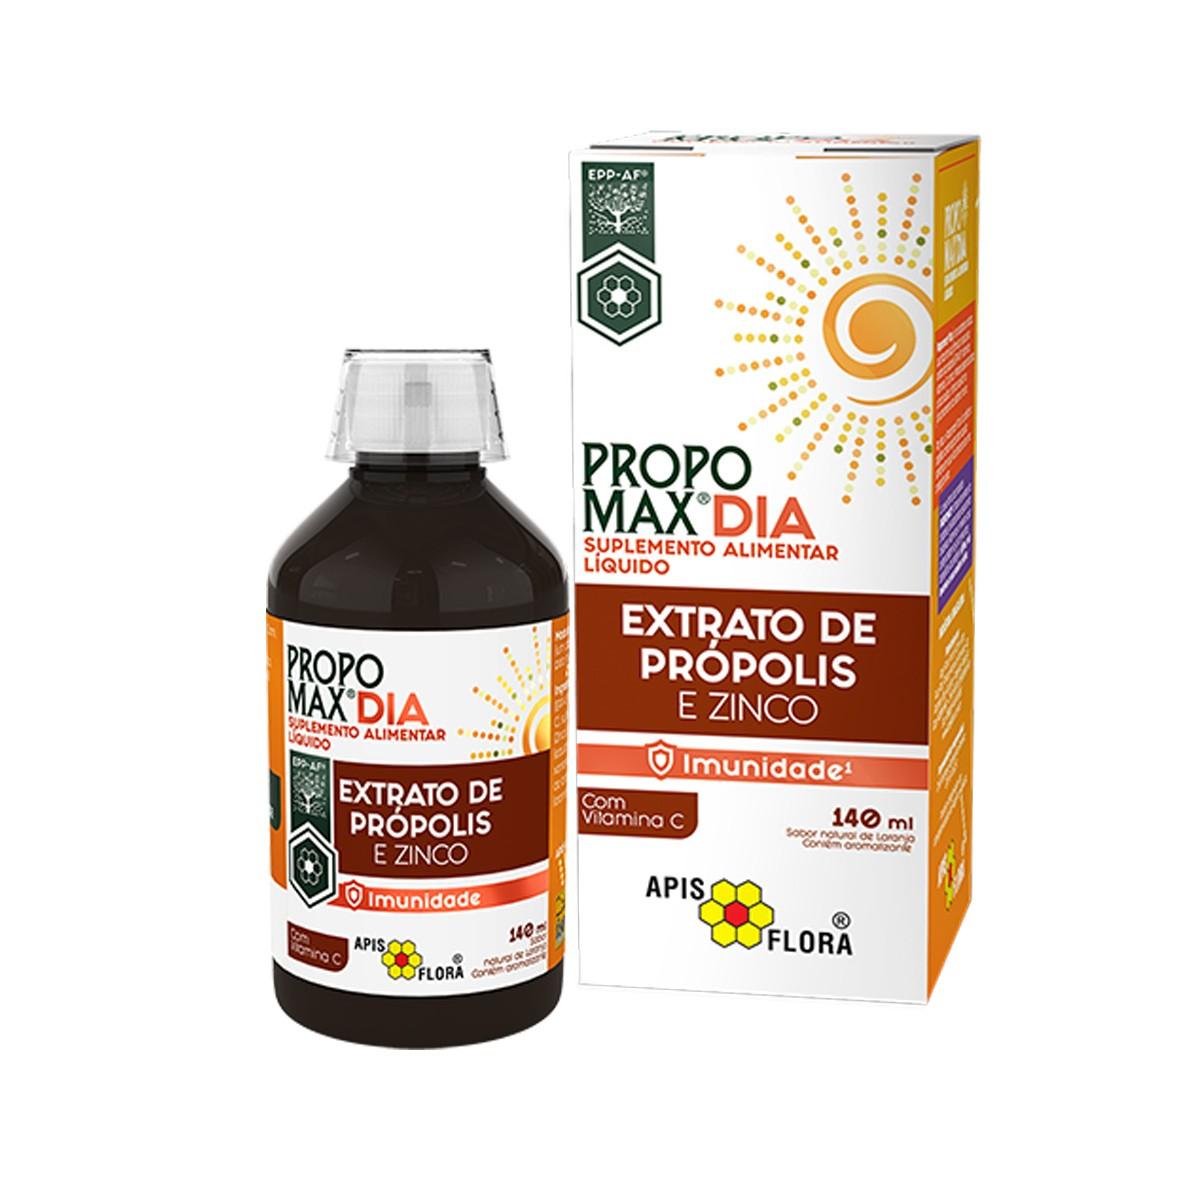 Extrato de Própolis Propomax Dia 140ml - Apis Flora